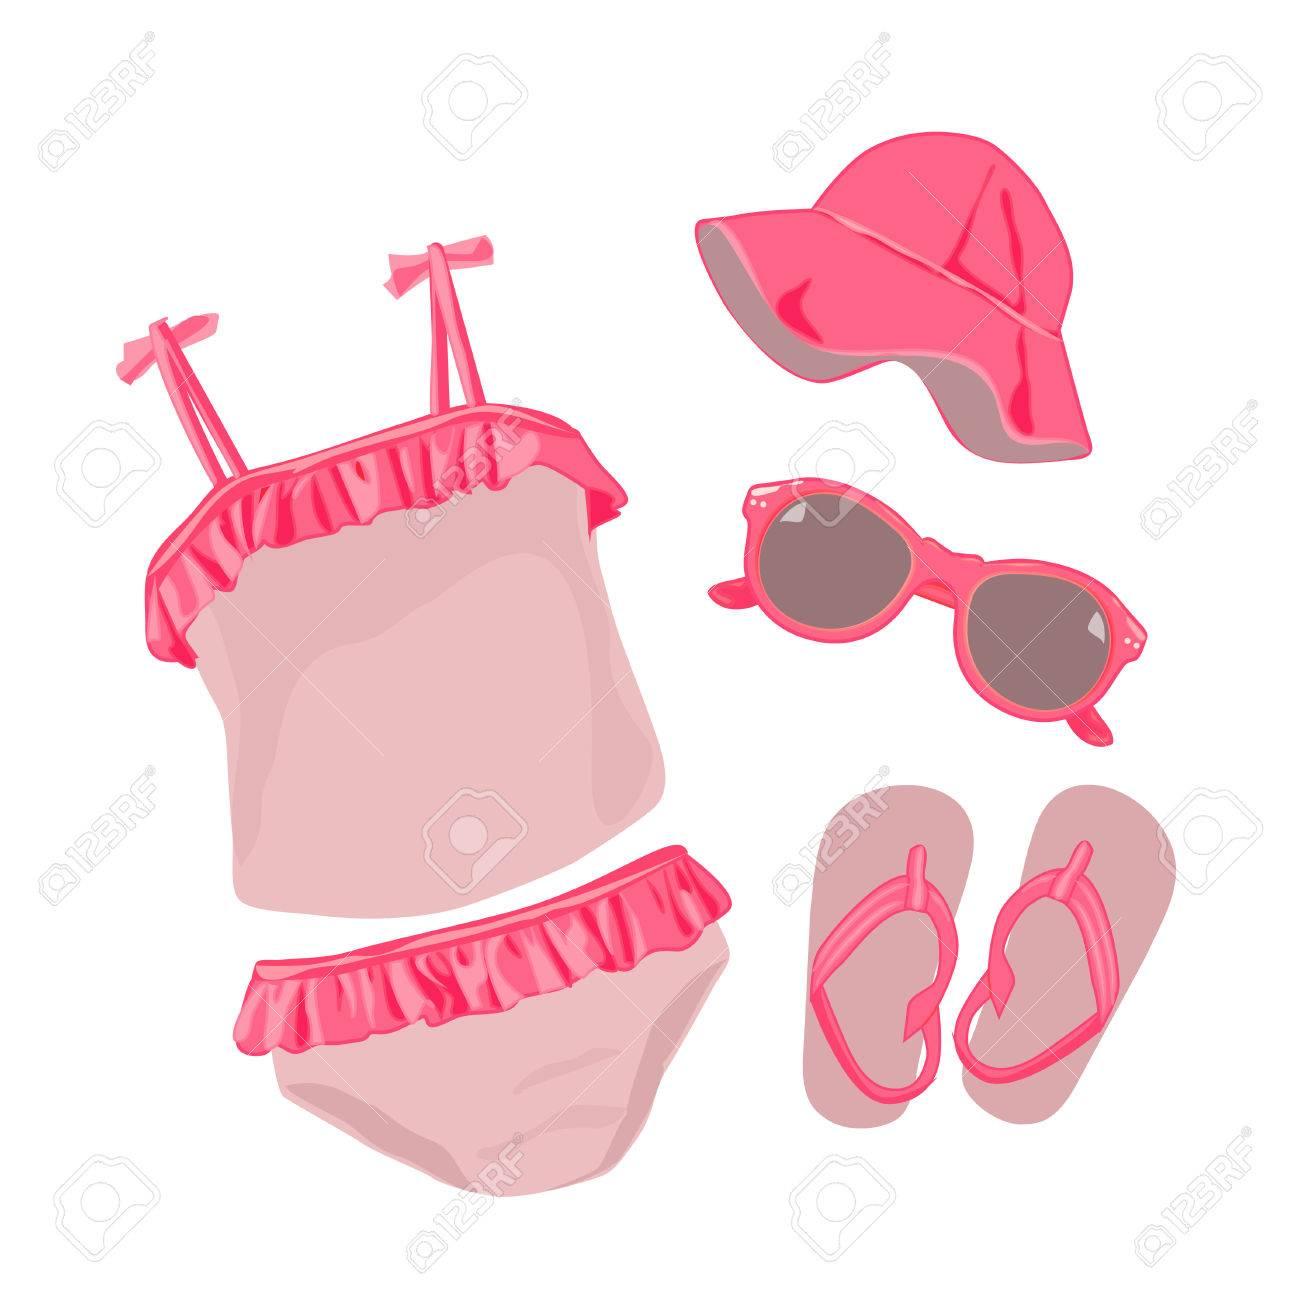 images officielles magasin meilleurs vendeurs 50% de réduction Maillot de bain pour bébé. Vêtements de bébé d'été.